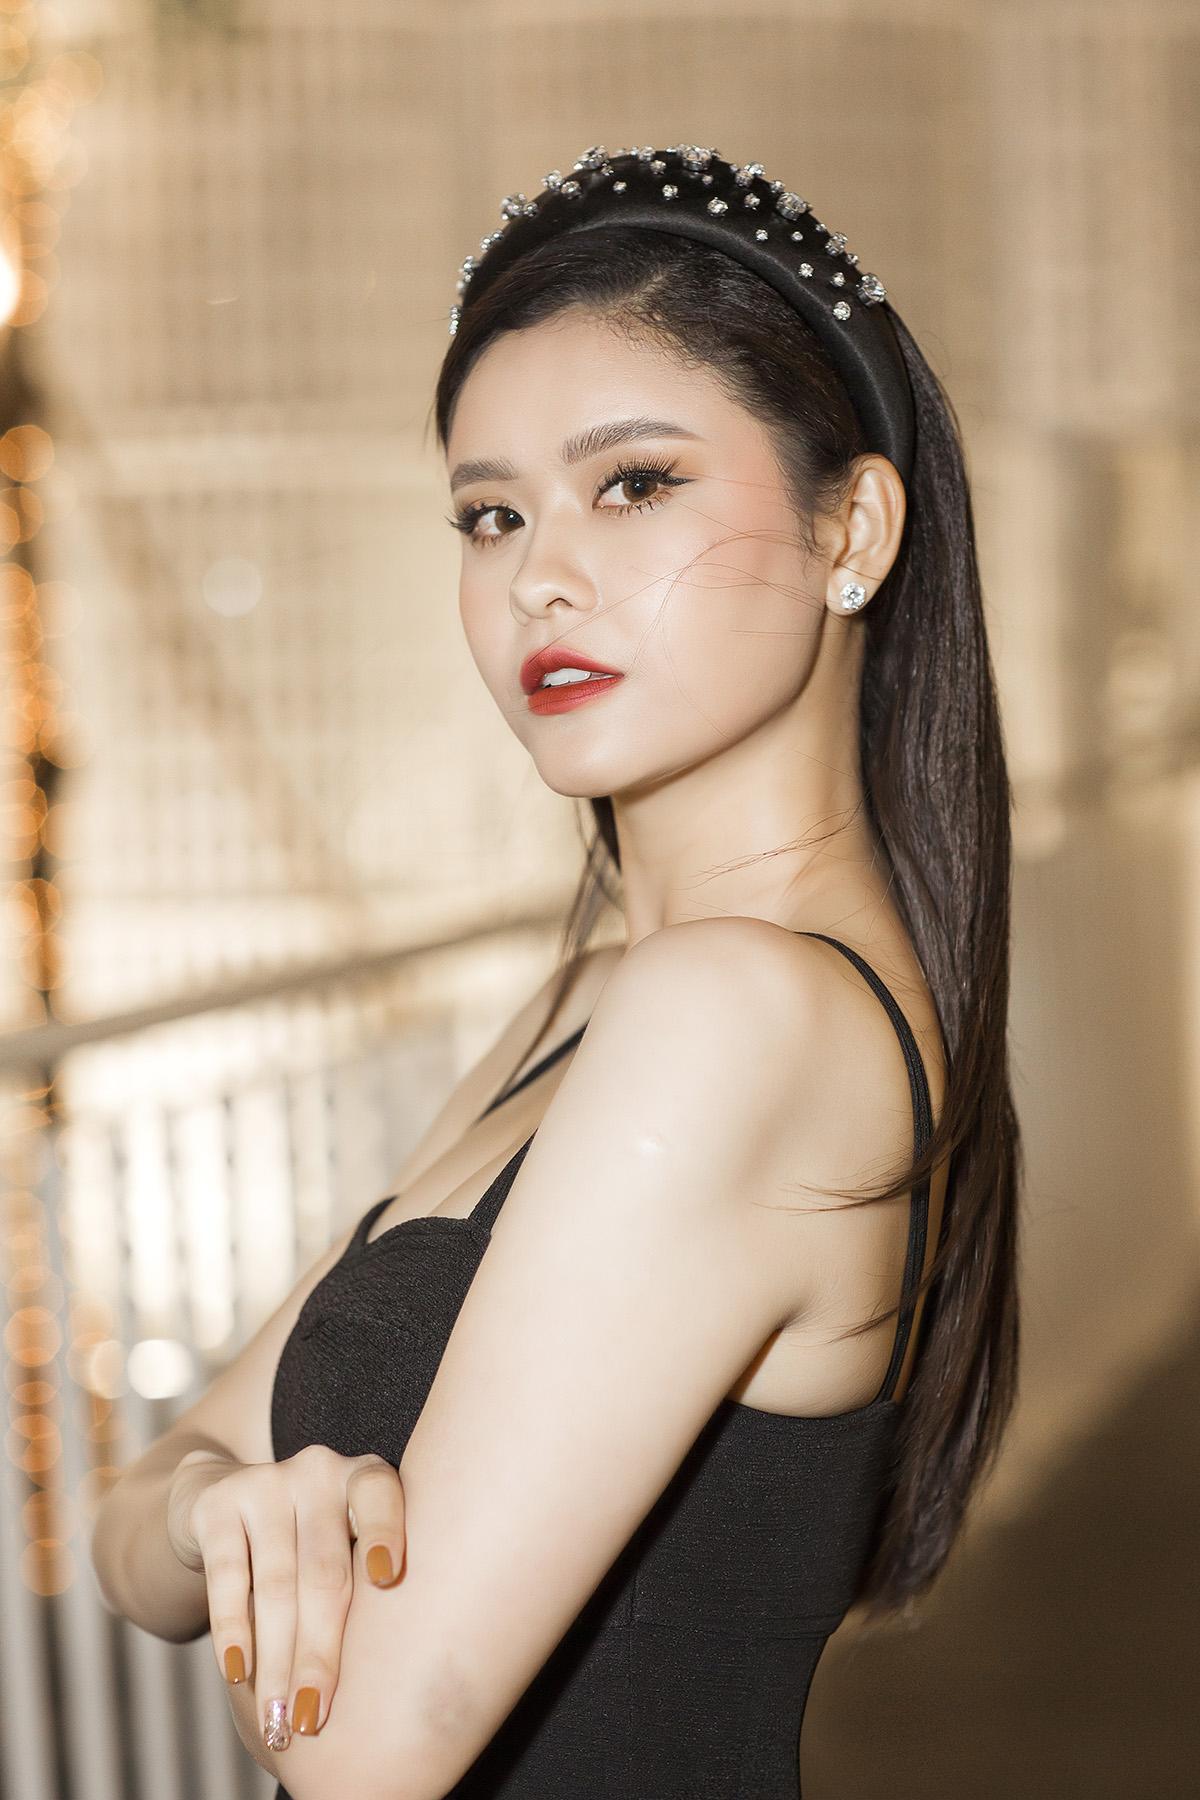 Trương Quỳnh Anh chính thức lên tiếng việc chồng cũ hẹn hò hot girl lúc nửa đêm - 6